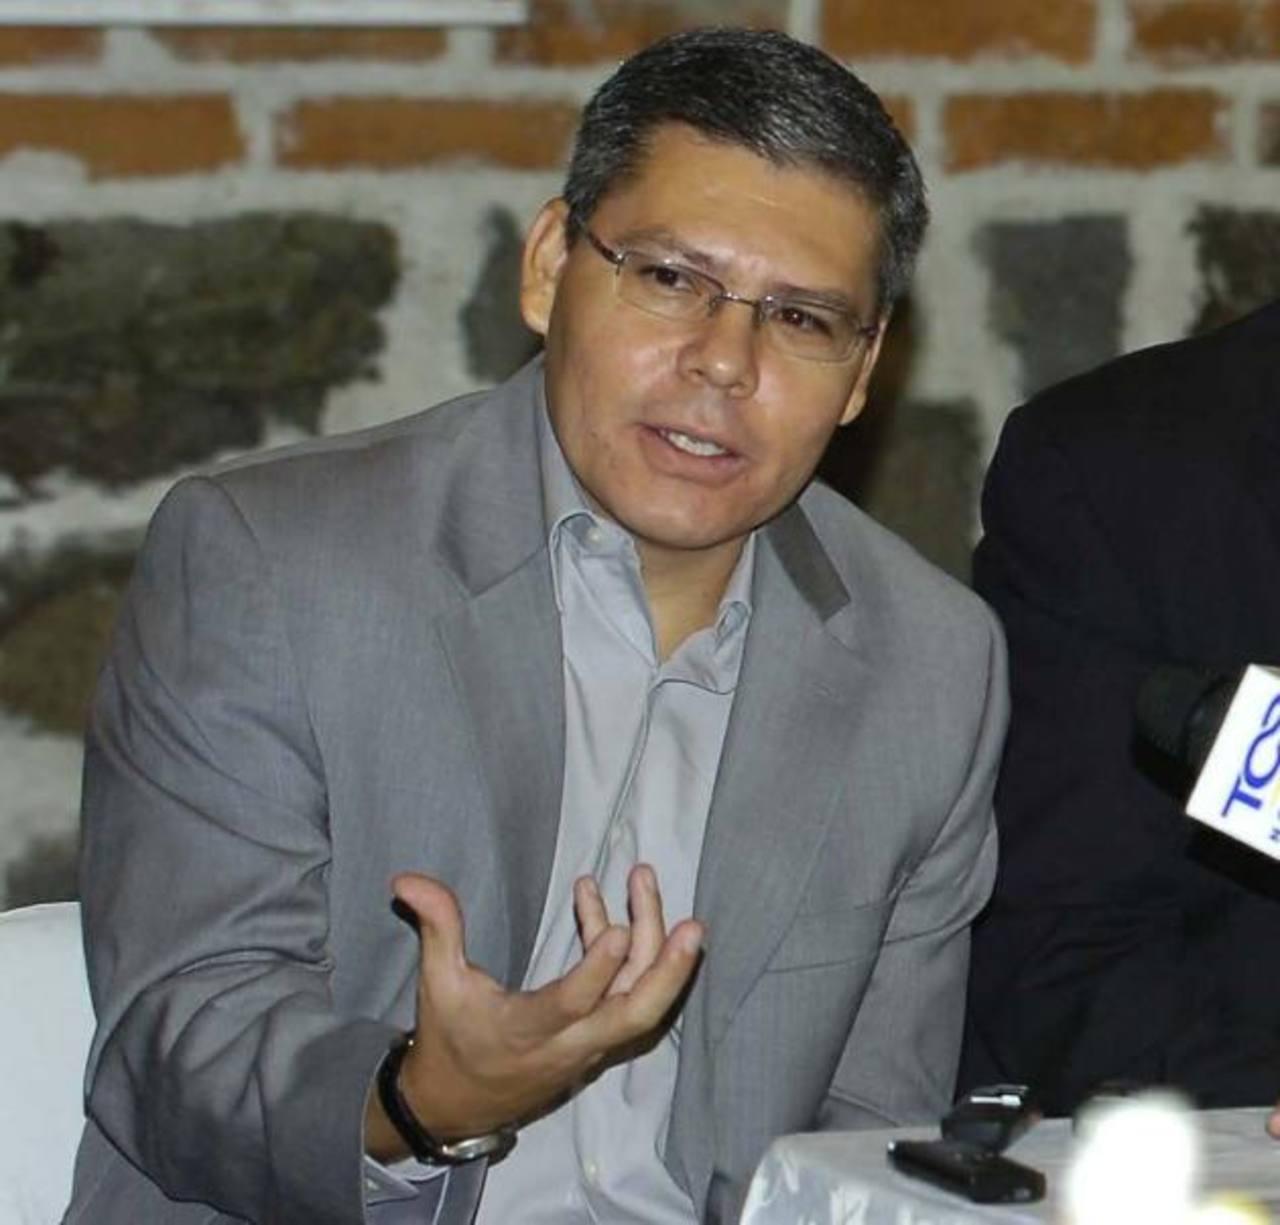 El presidente de la APES, José Luis Benítez, cuestionó también al presidente Mauricio Funes por reservar la información de sus viajes, cuando debe de ser pública.